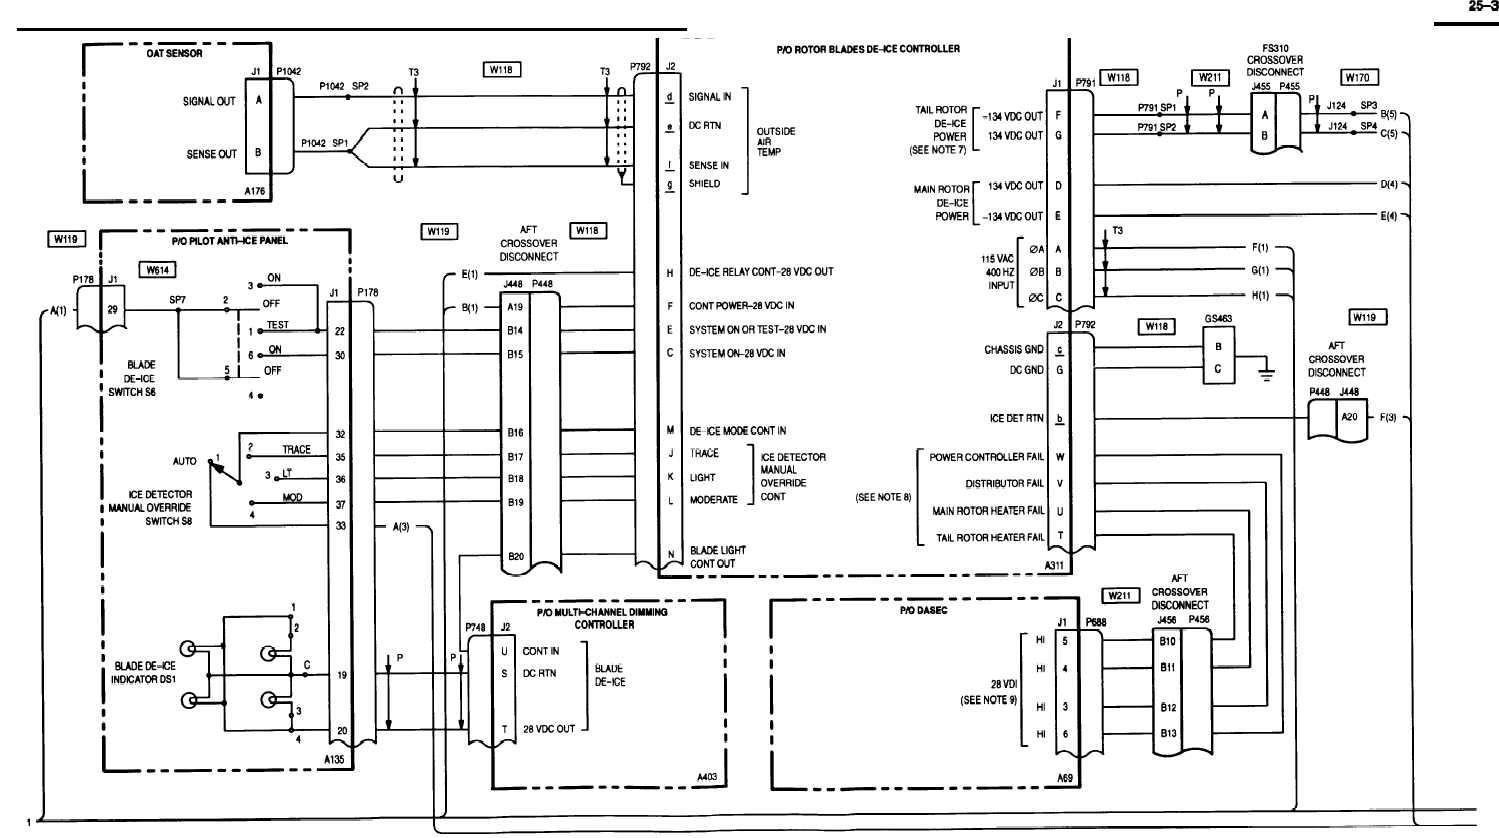 Suzuki M50 Diagram | Wiring Diagram on